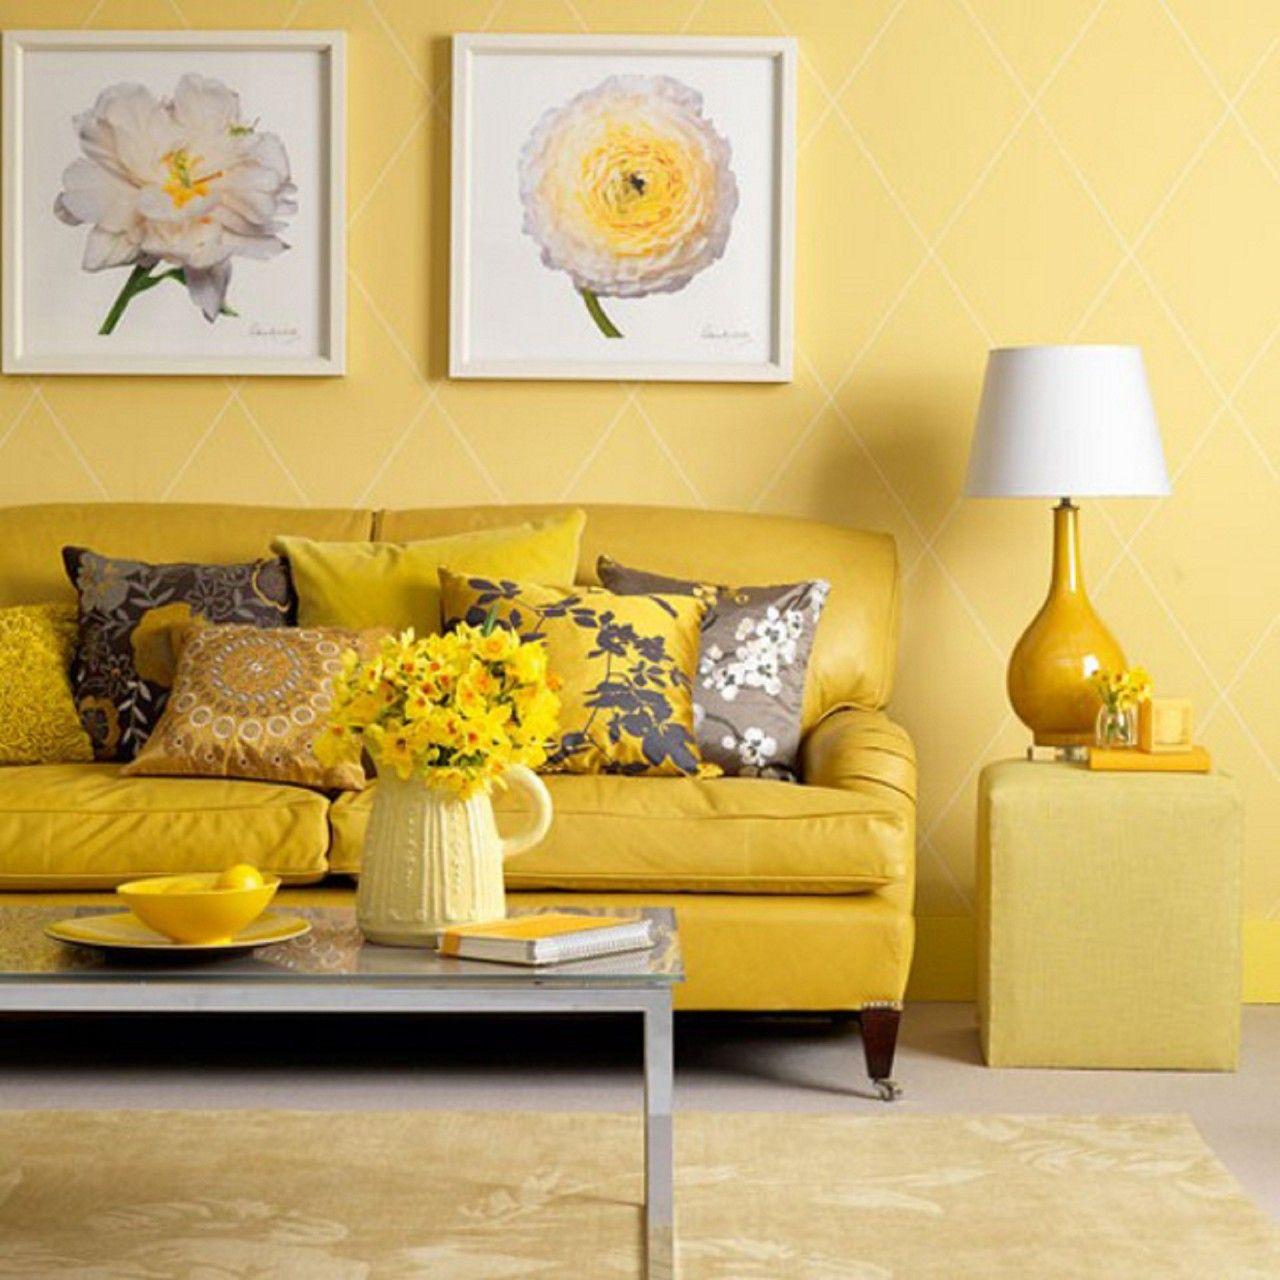 Желтый в интерьере | Сolor | Pinterest | Interiors and House